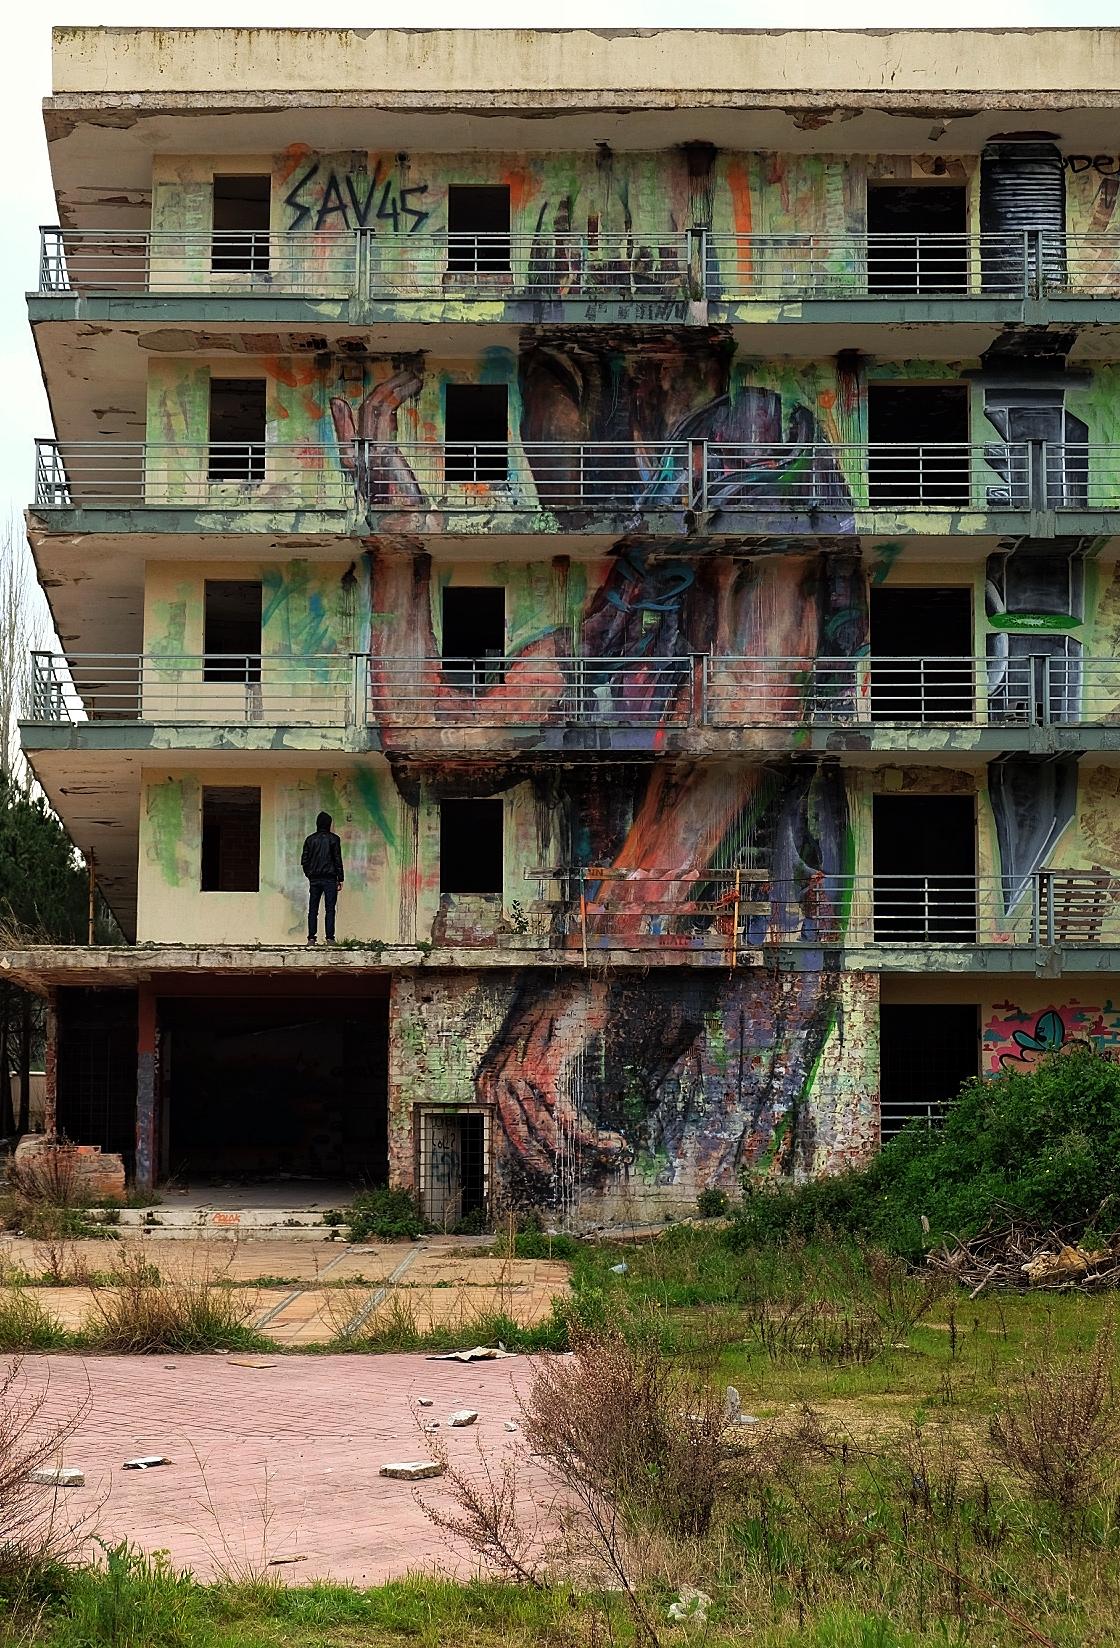 Fer Alcalá - hôtel abandonné